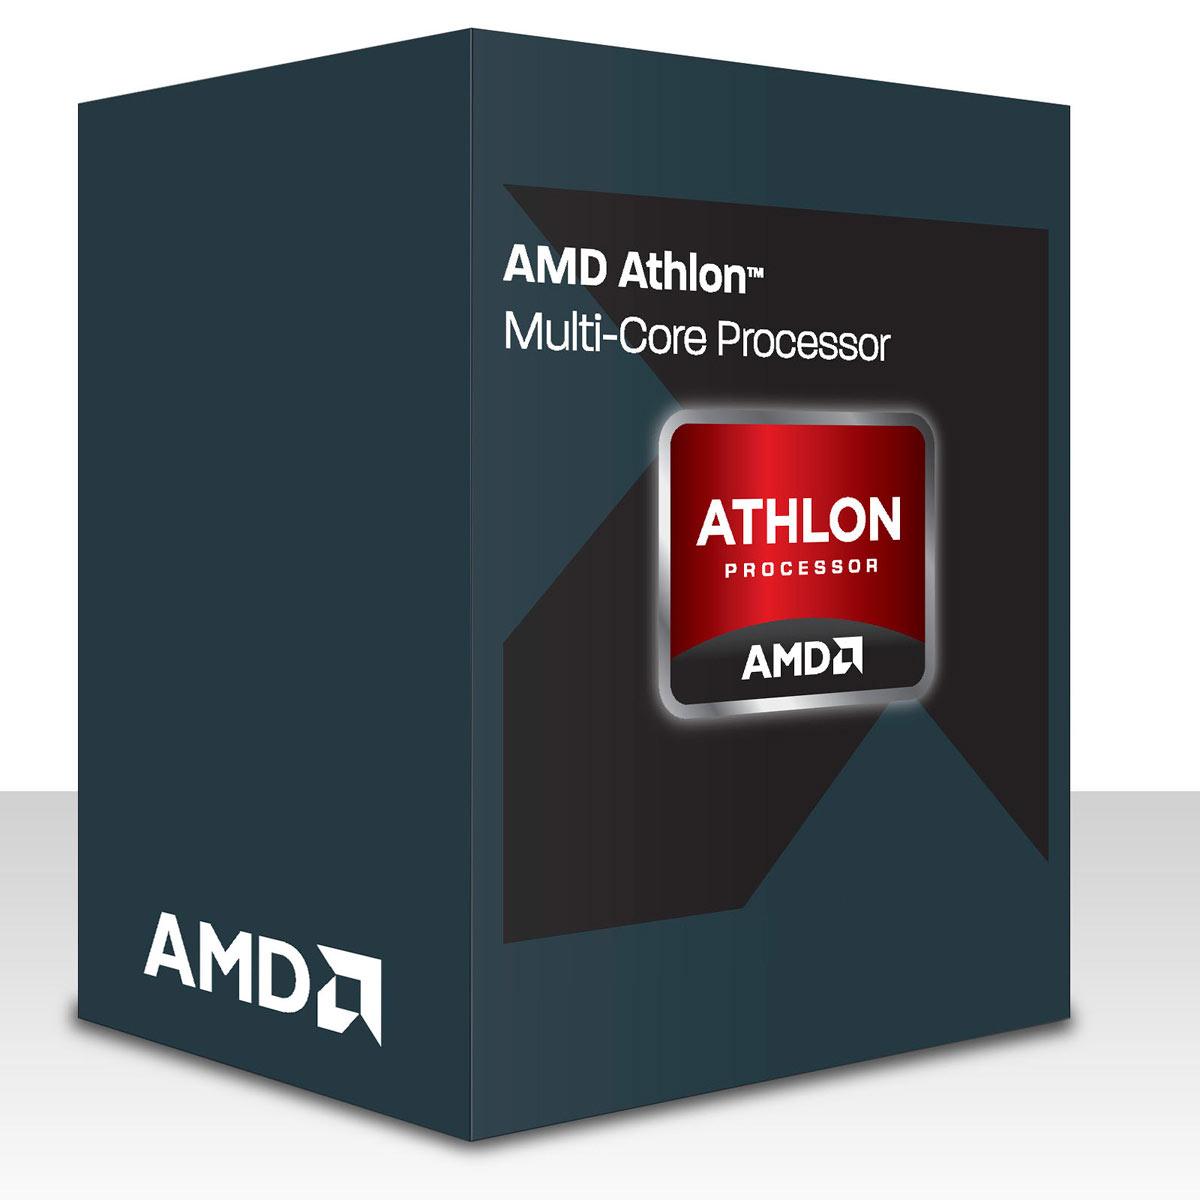 Processeur AMD Athlon X4 845 (3.5 GHz) - Low Noise Edition Processeur Quad Core Socket FM2+ 0.028 micron Cache L2 2 Mo + ventilateur silencieux (version boîte - garantie constructeur 3 ans)